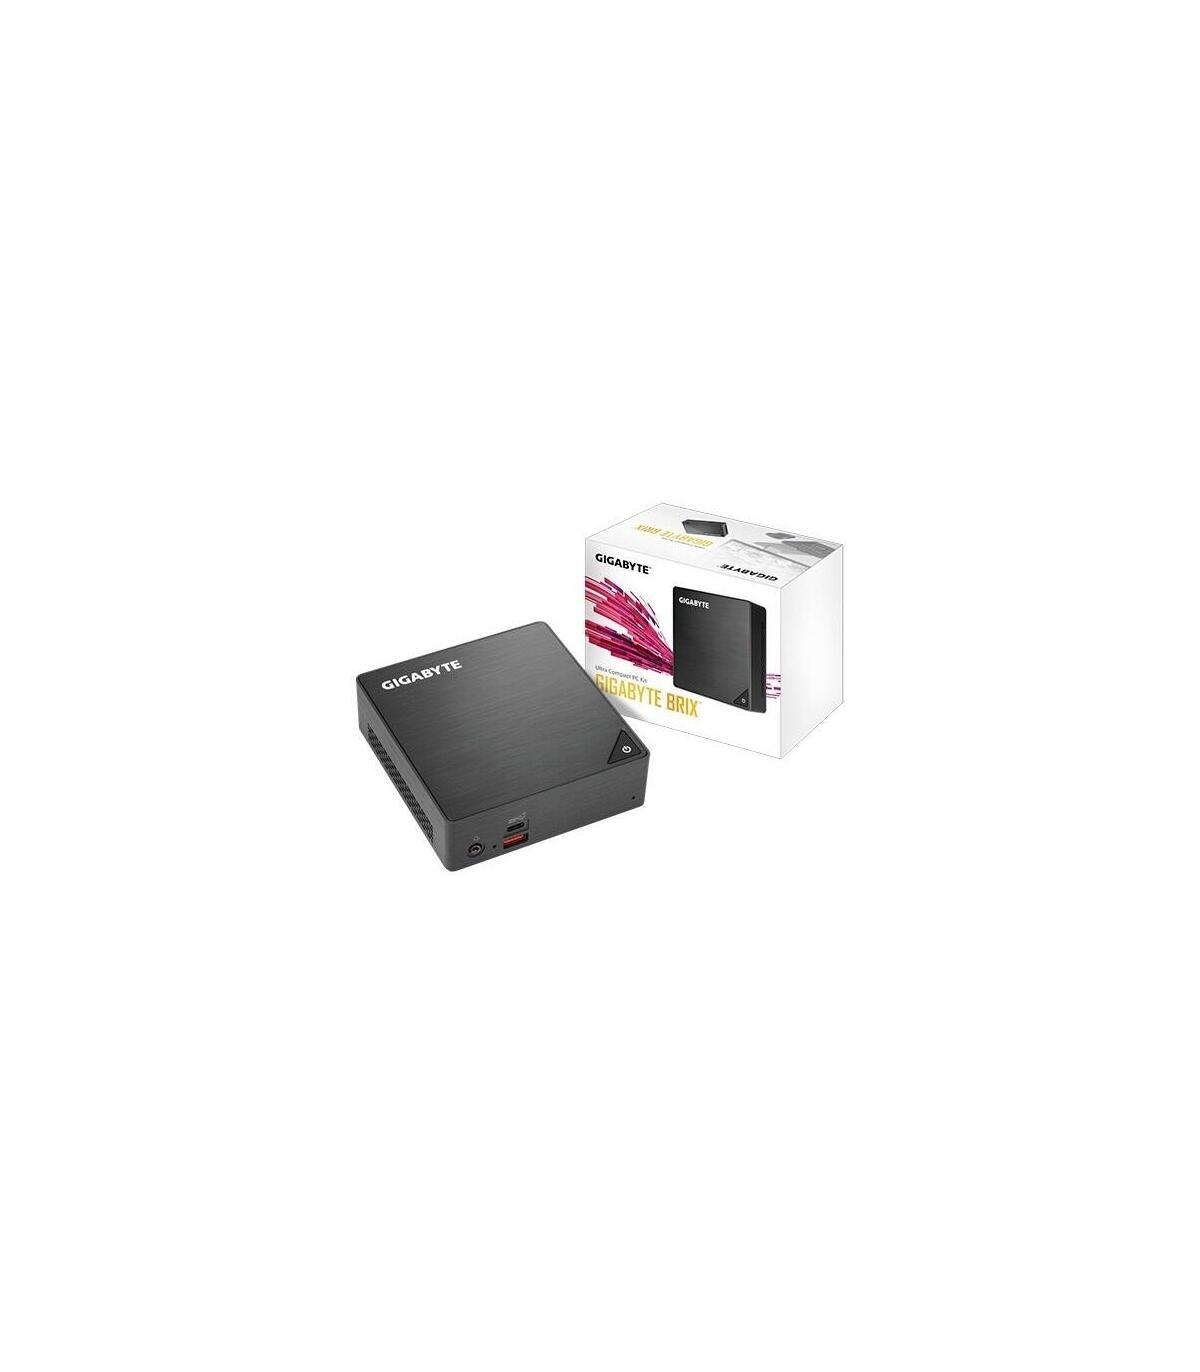 BAREBONE MINI PC BRIX GIGABYTE GB-BRI7-8550-BW I7 SIN HD NI RAM USB3